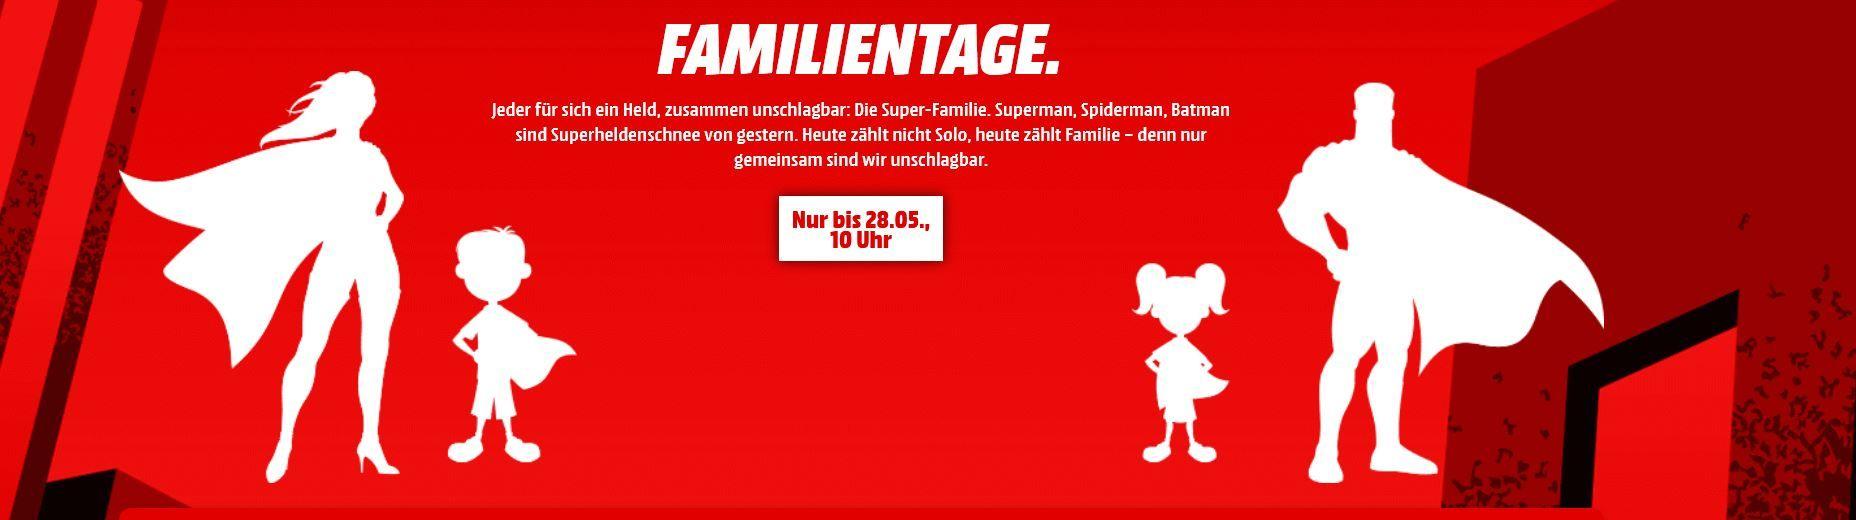 Media Markt Helden Angebote: z.B. YAMAHA ELAC Stereo HiFi Paket mit Receiver + Lautsprecher für 499€ (statt 570€)